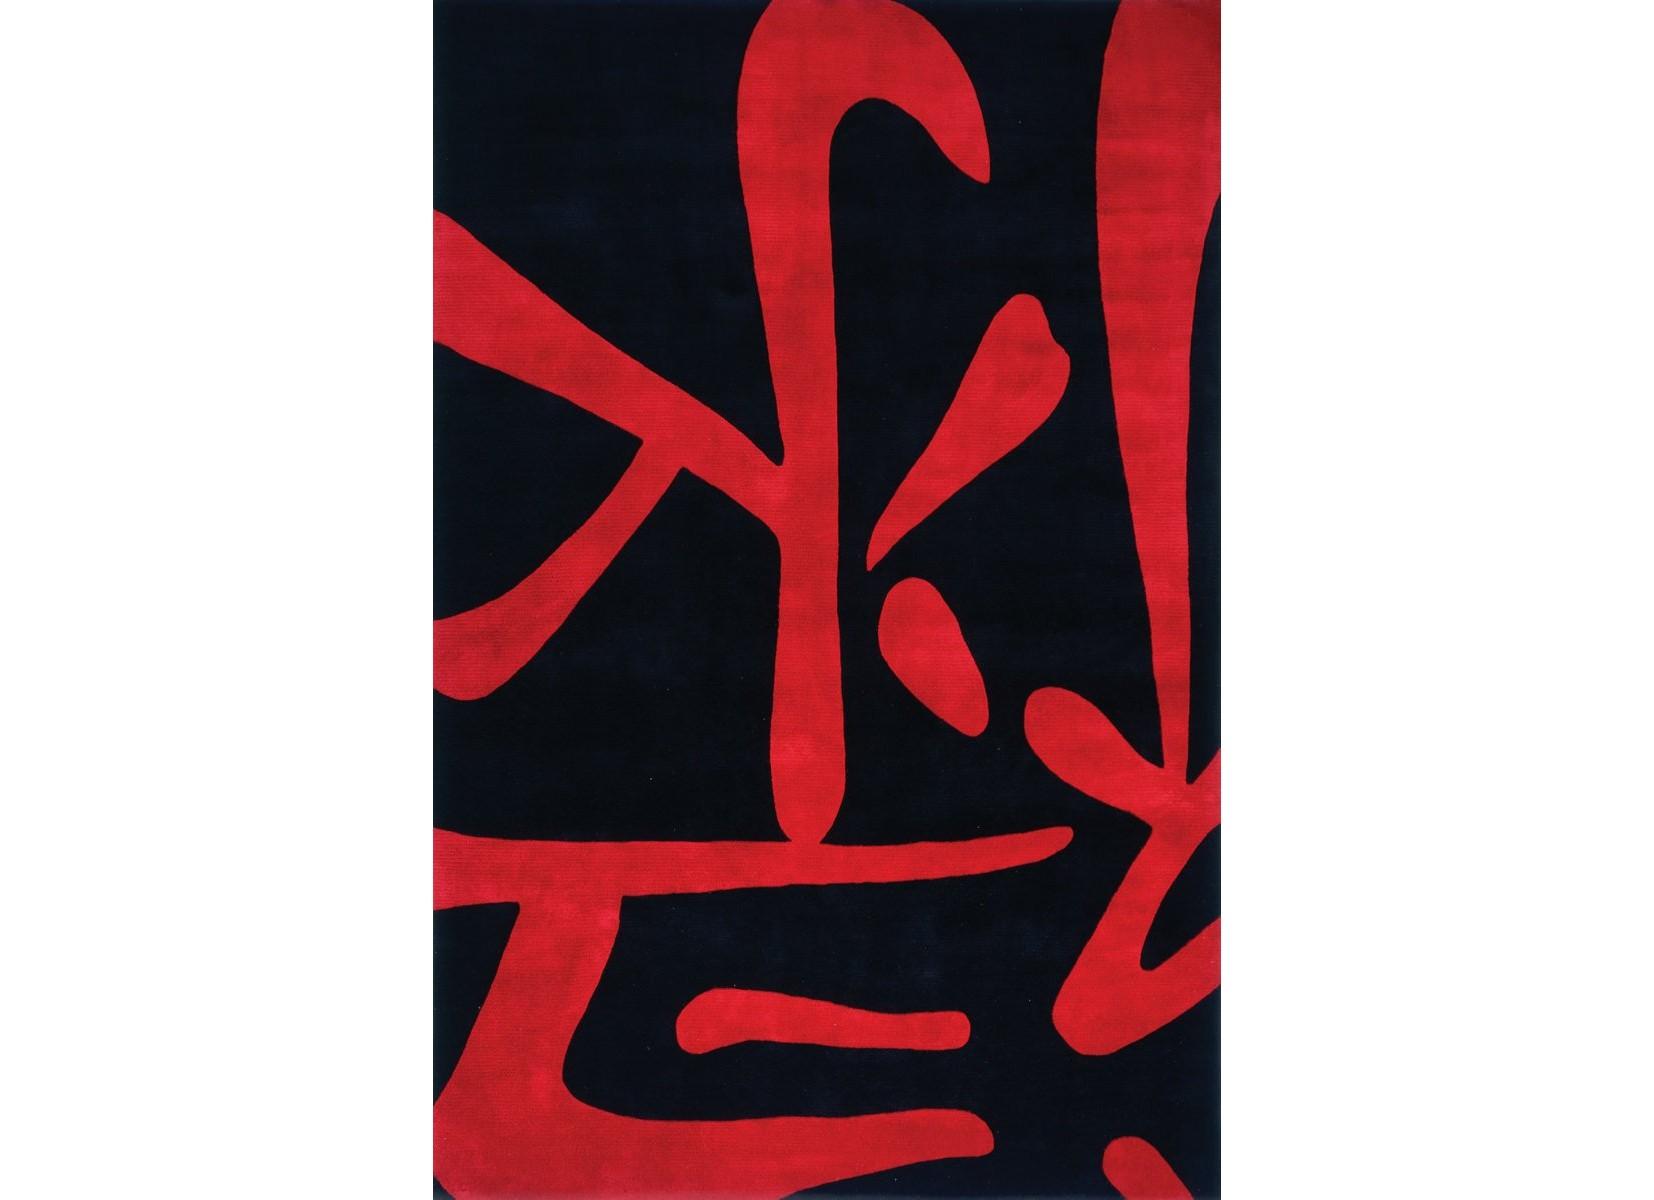 Ковер Haruki 200x280Прямоугольные ковры<br><br><br>Material: Шерсть<br>Ширина см: 200<br>Глубина см: 280